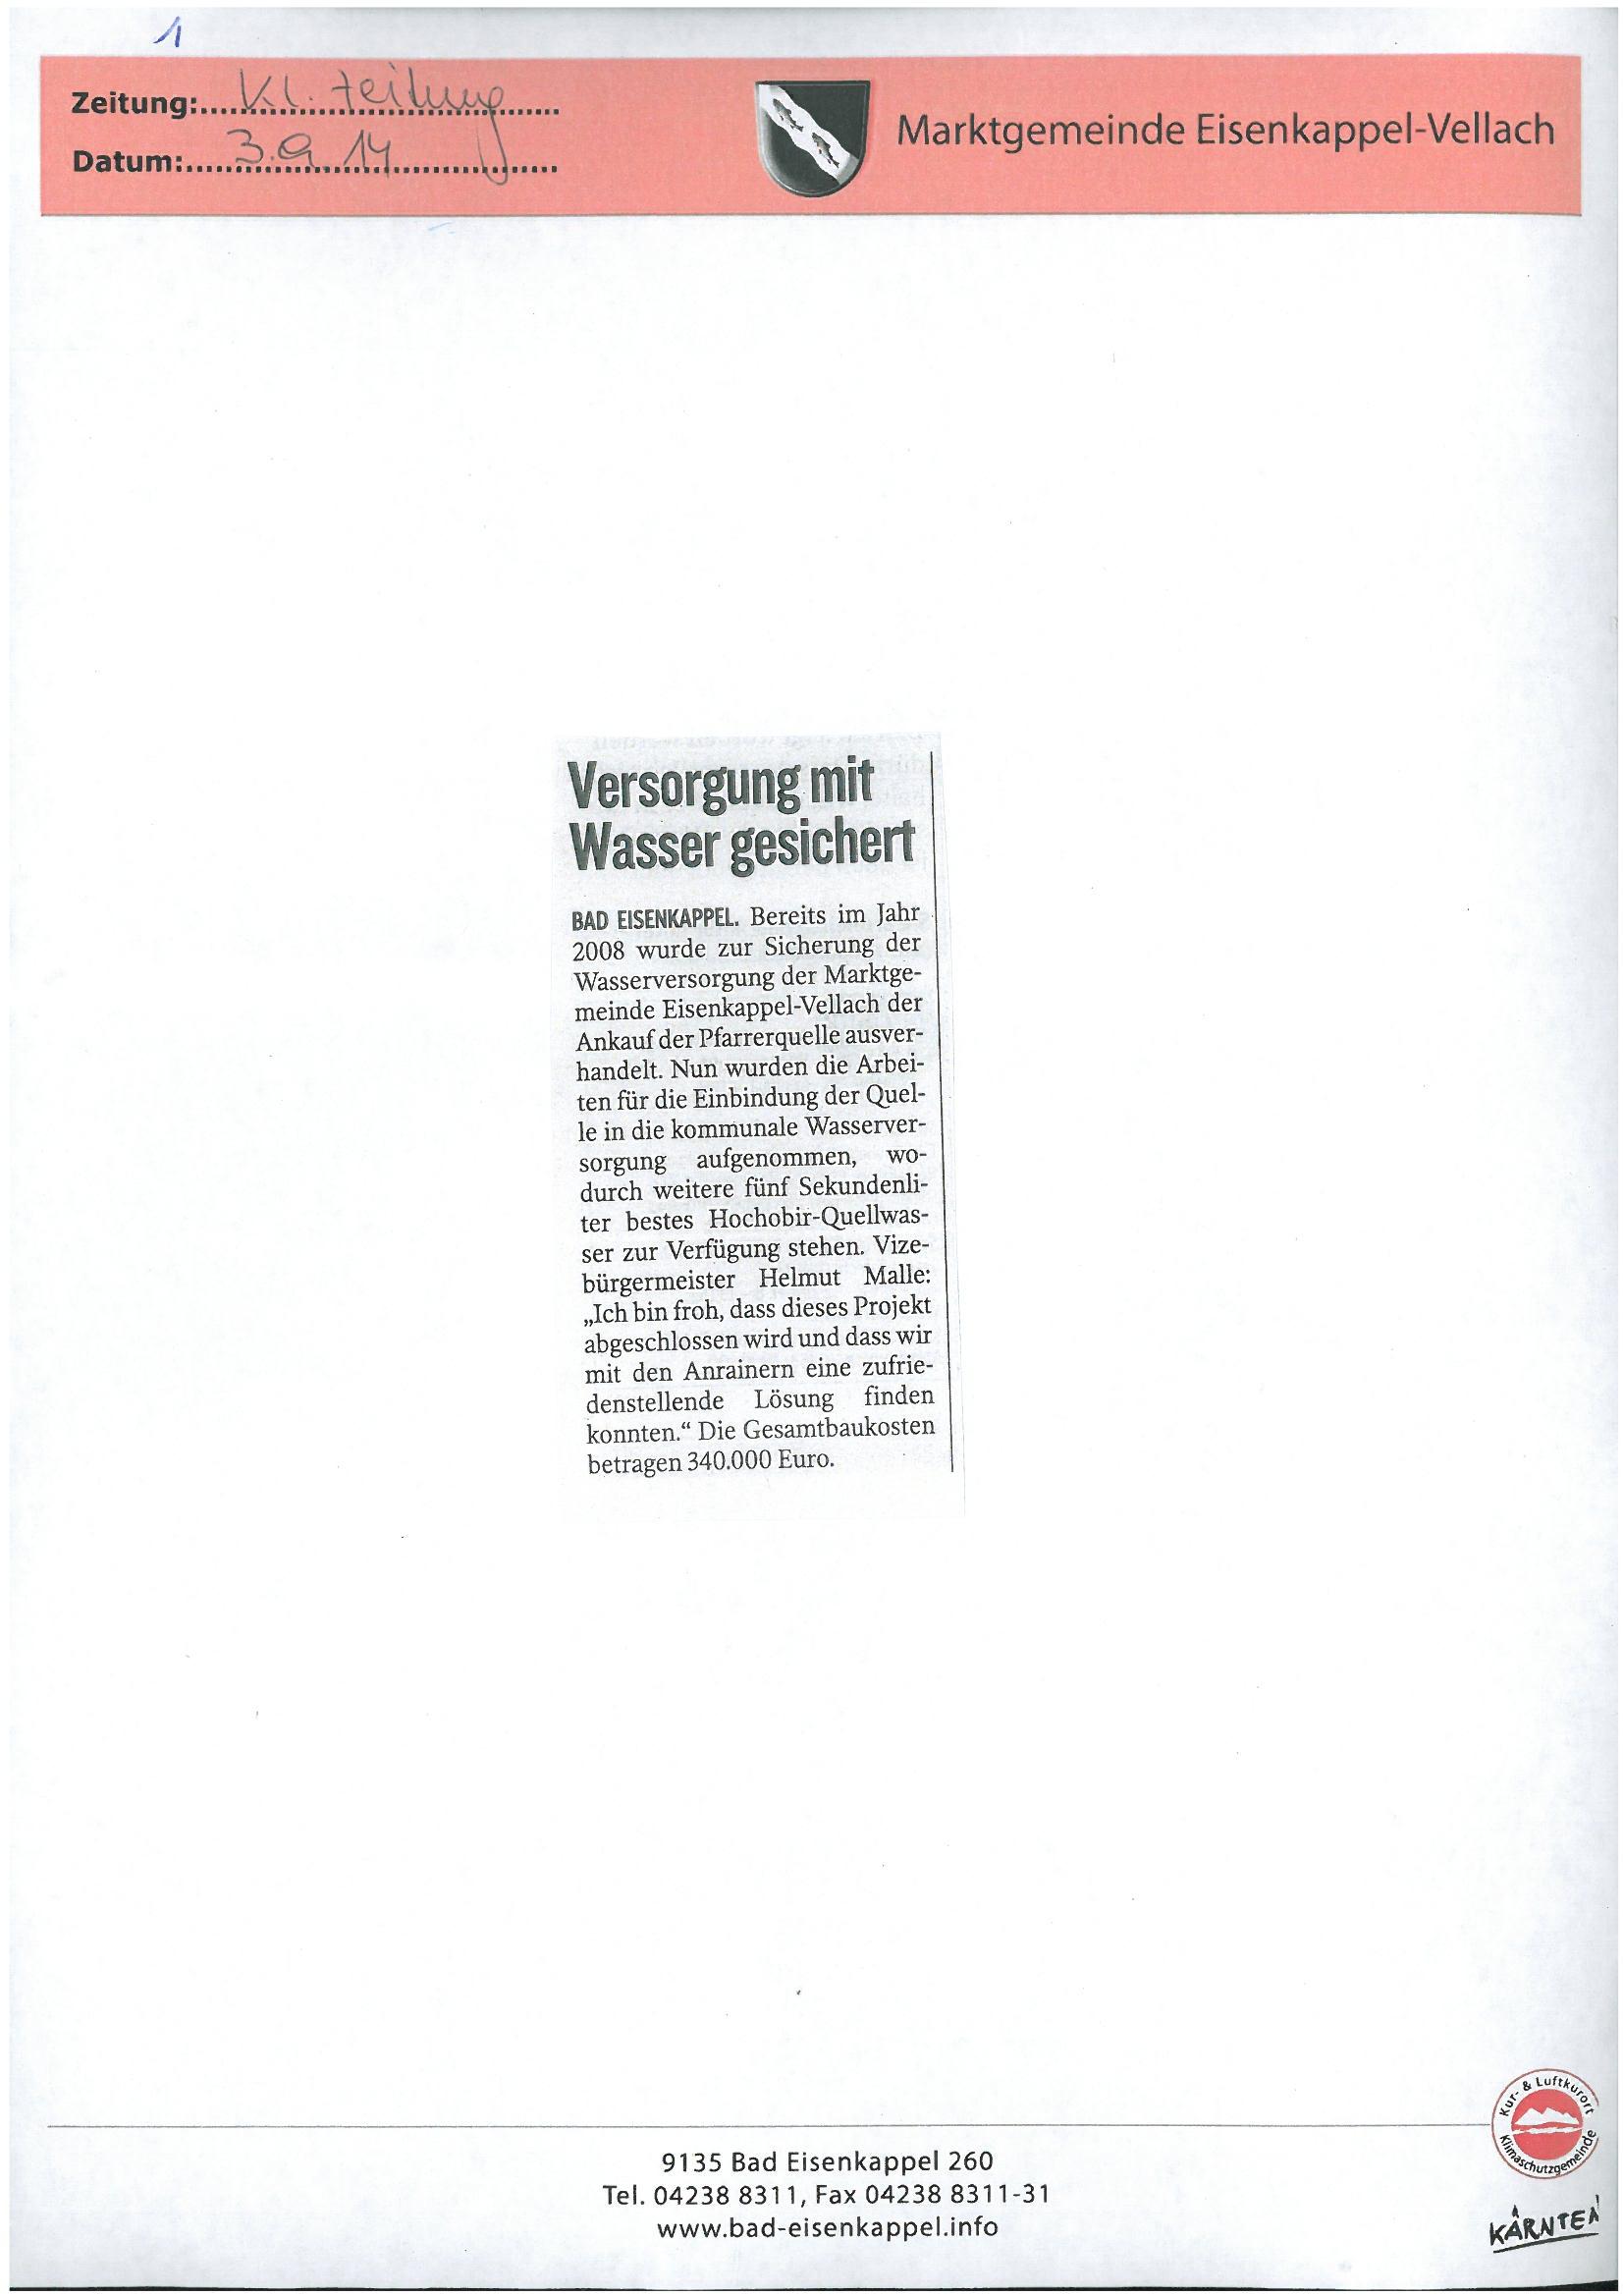 Eisenkappel-vellach partnersuche ab 60. Gay sextreff gratis